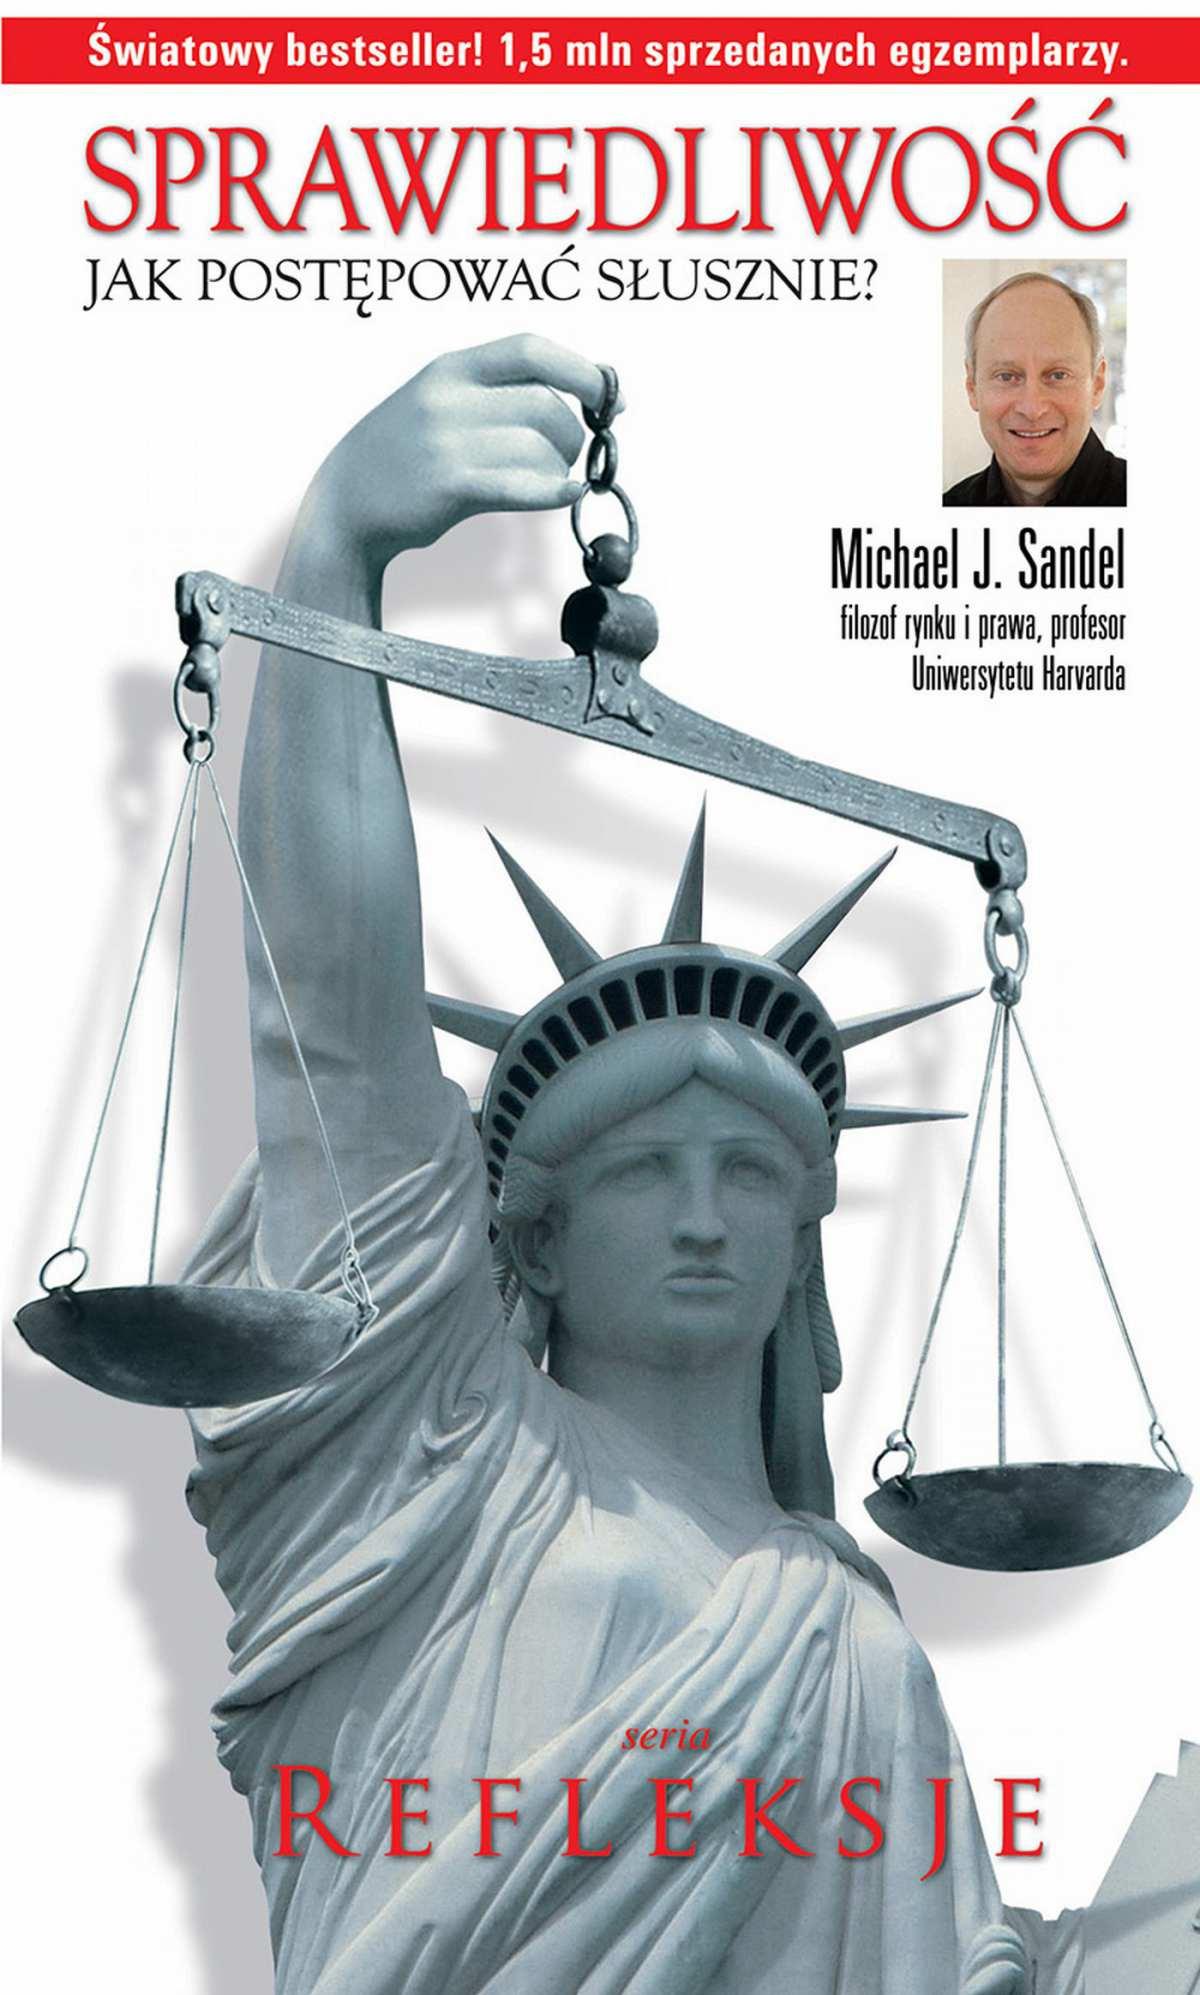 Sprawiedliwość. Jak postępować słusznie? - Ebook (Książka EPUB) do pobrania w formacie EPUB